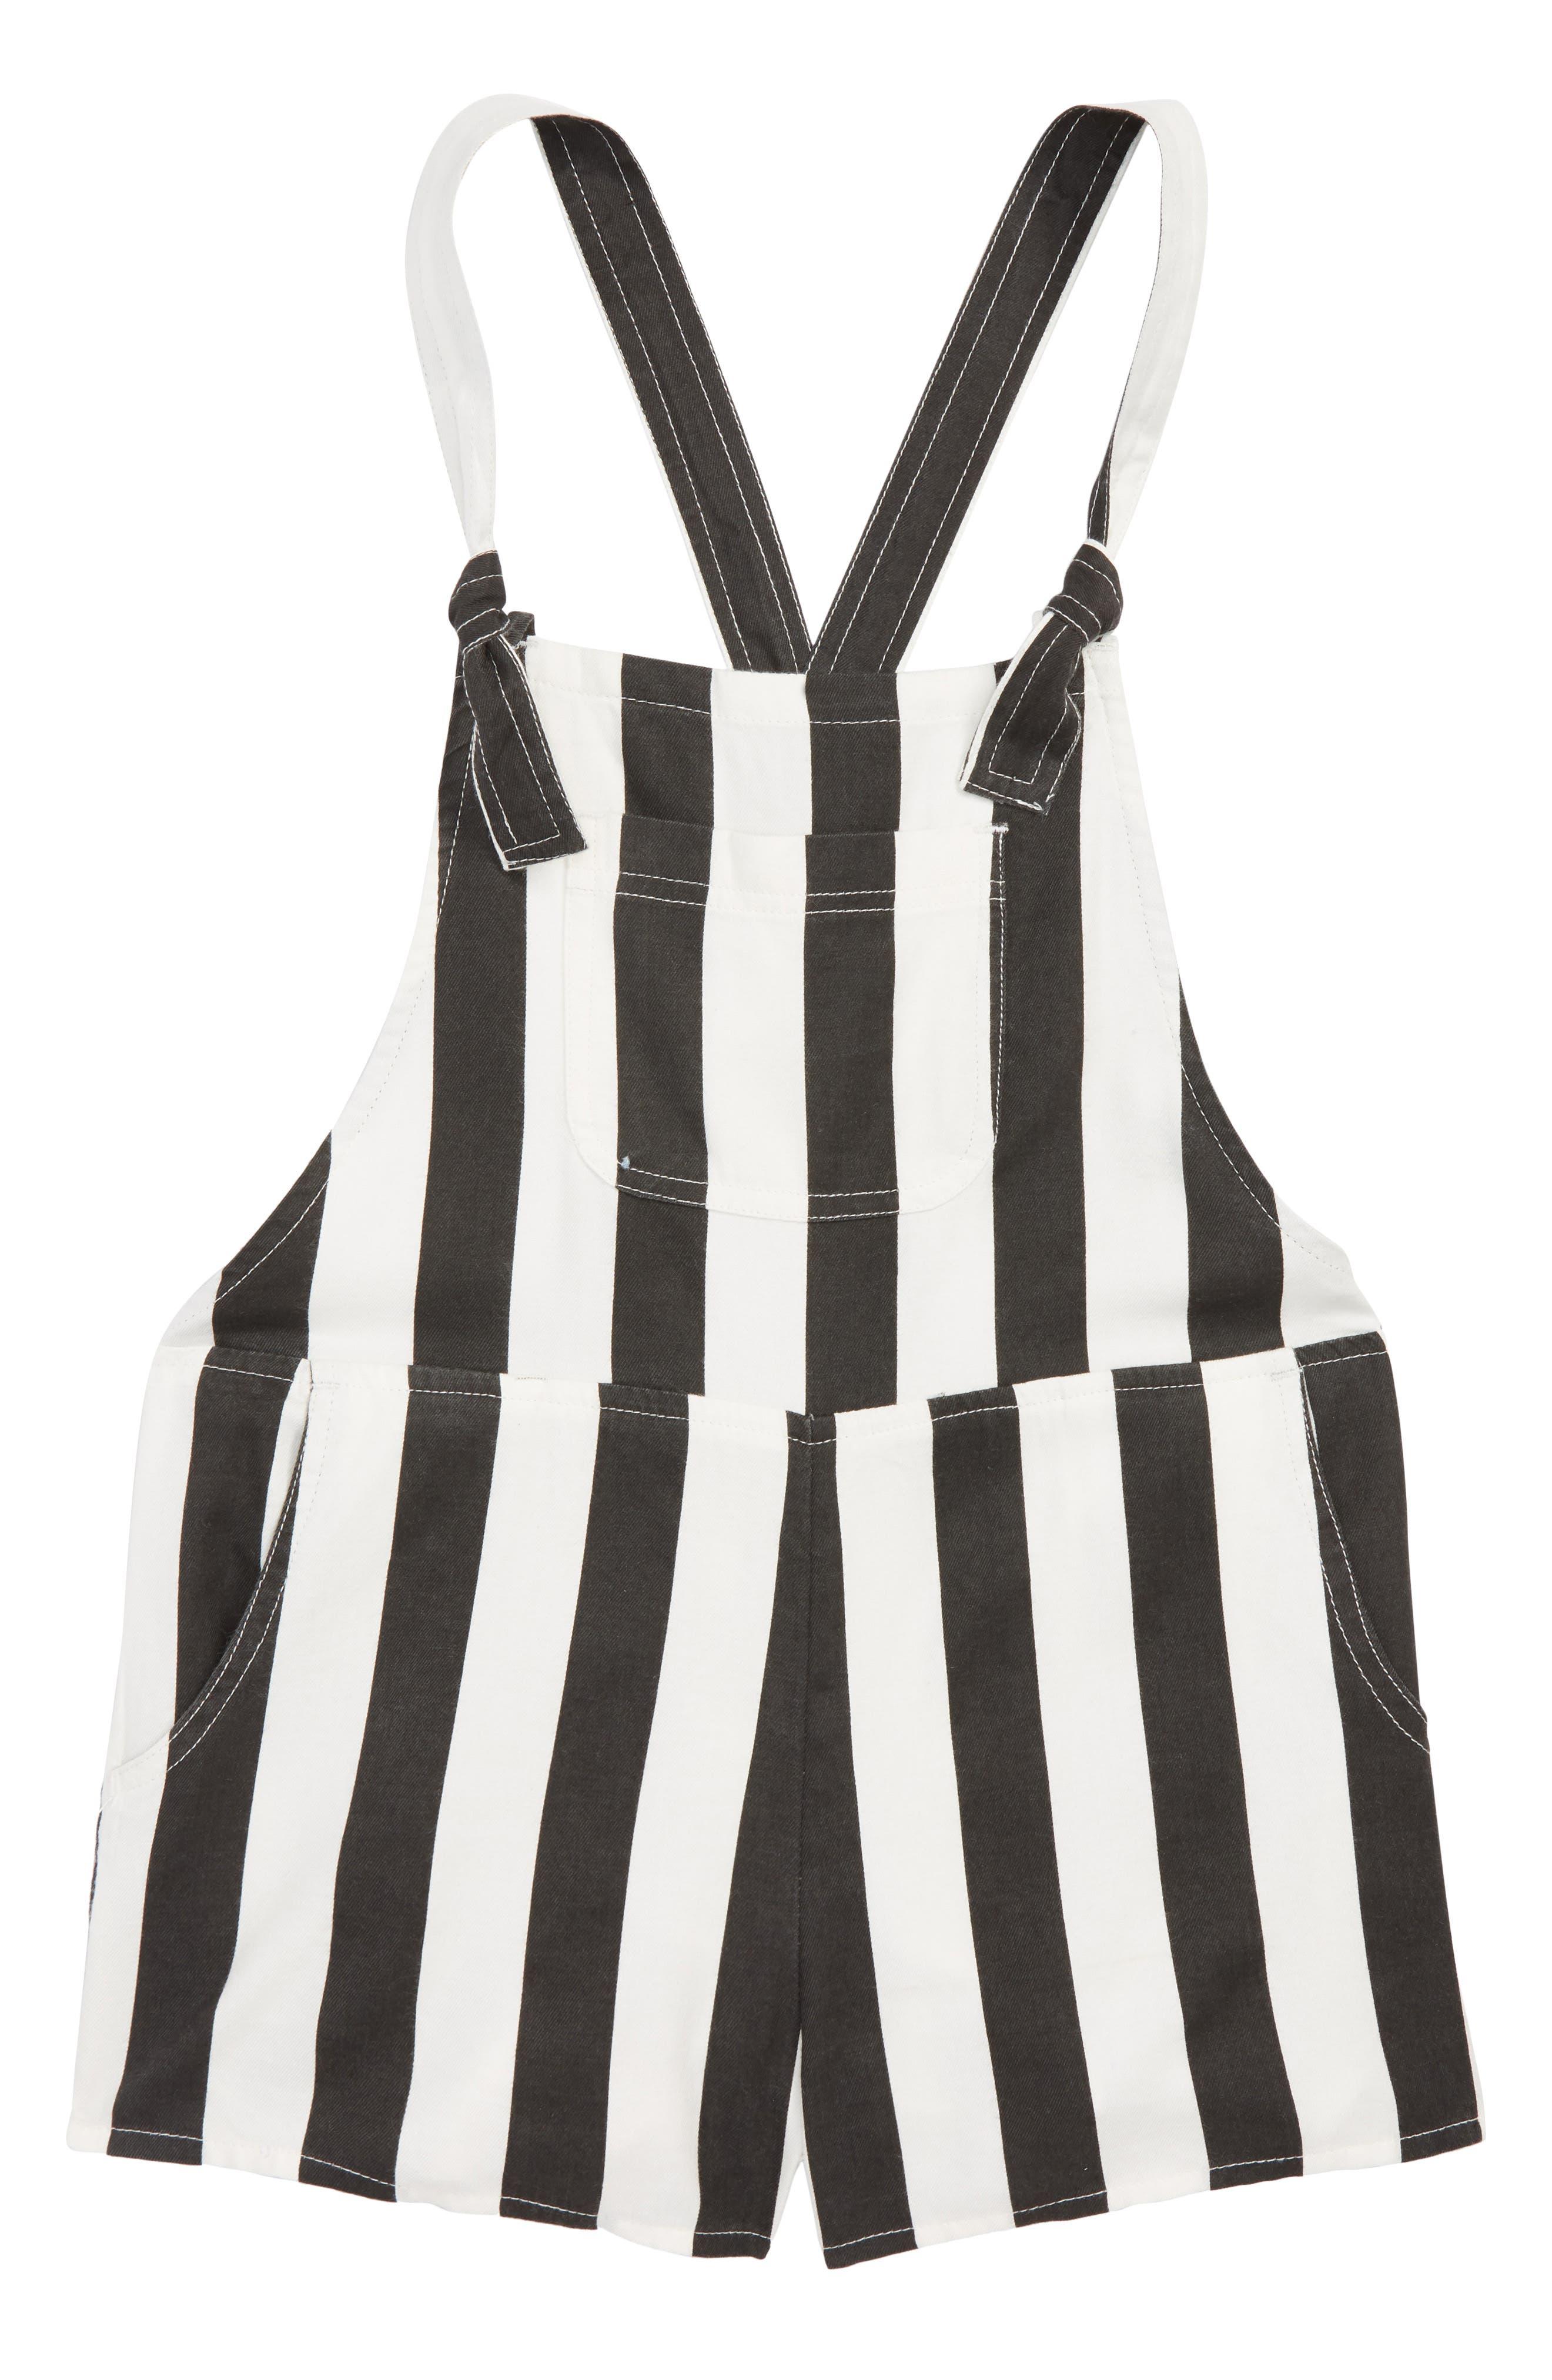 Roamin Stripe Short Overalls,                             Main thumbnail 1, color,                             Black